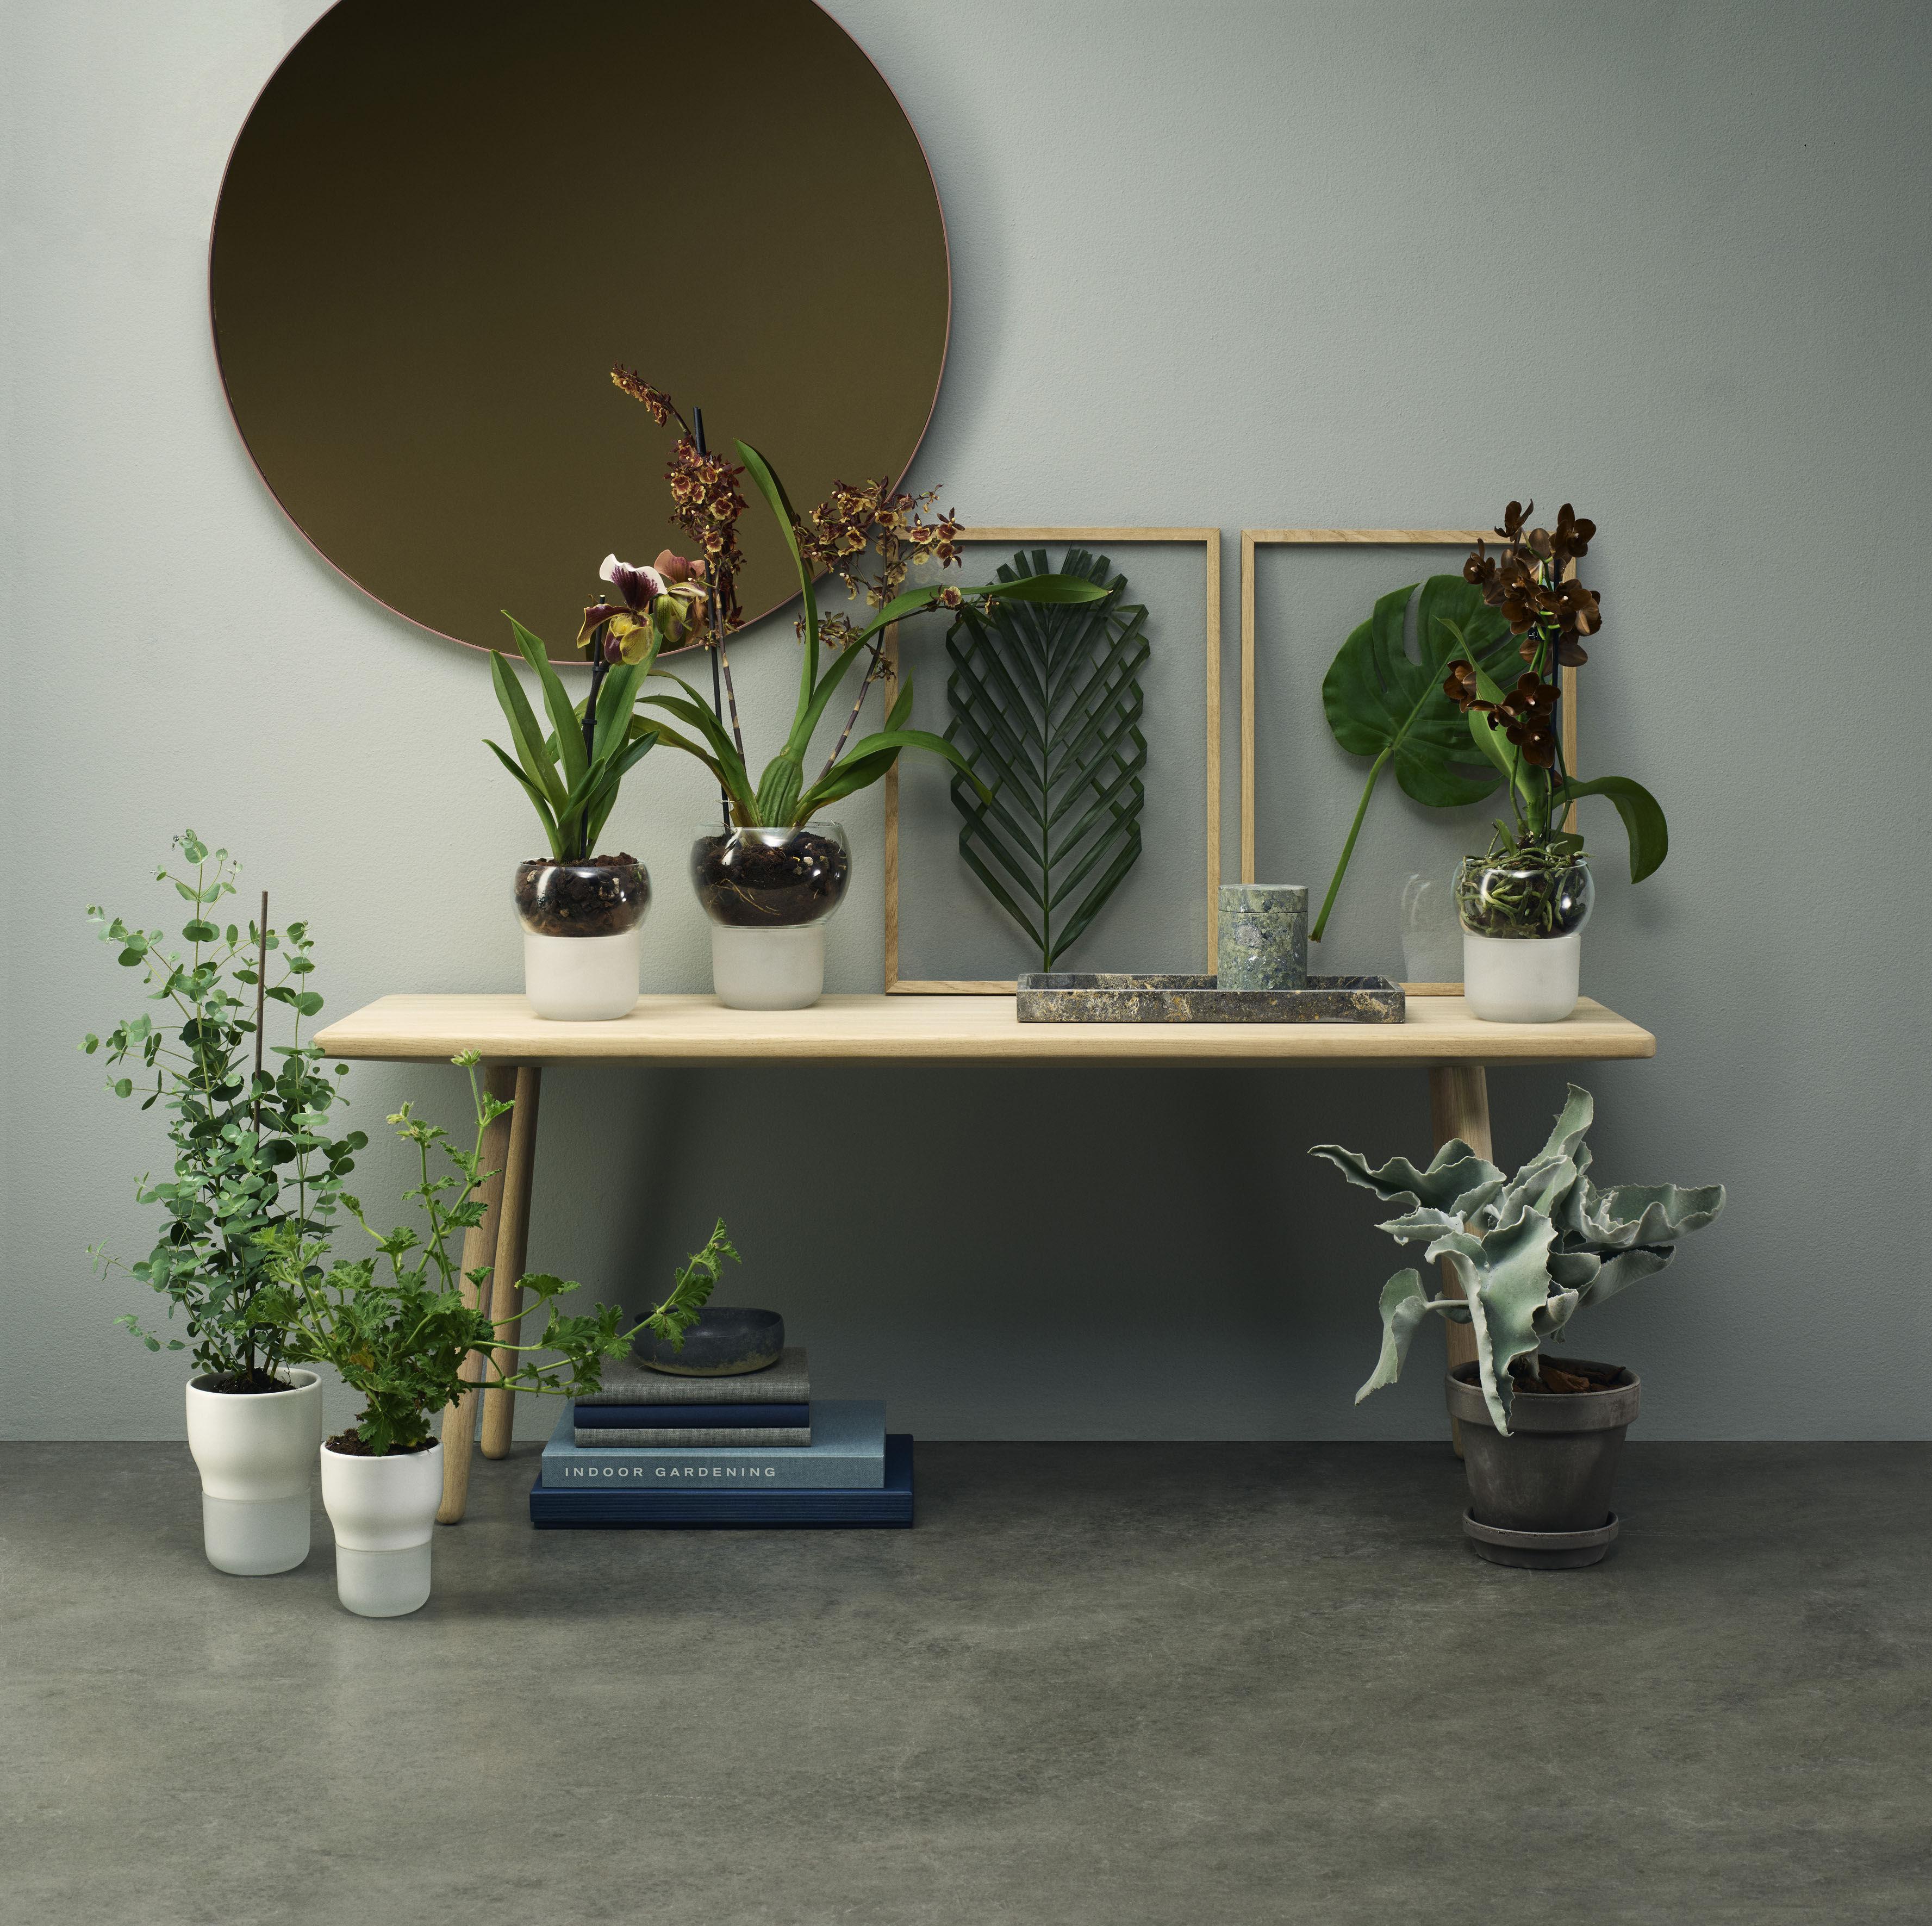 pot r serve d 39 eau eva solo blanc made in design. Black Bedroom Furniture Sets. Home Design Ideas